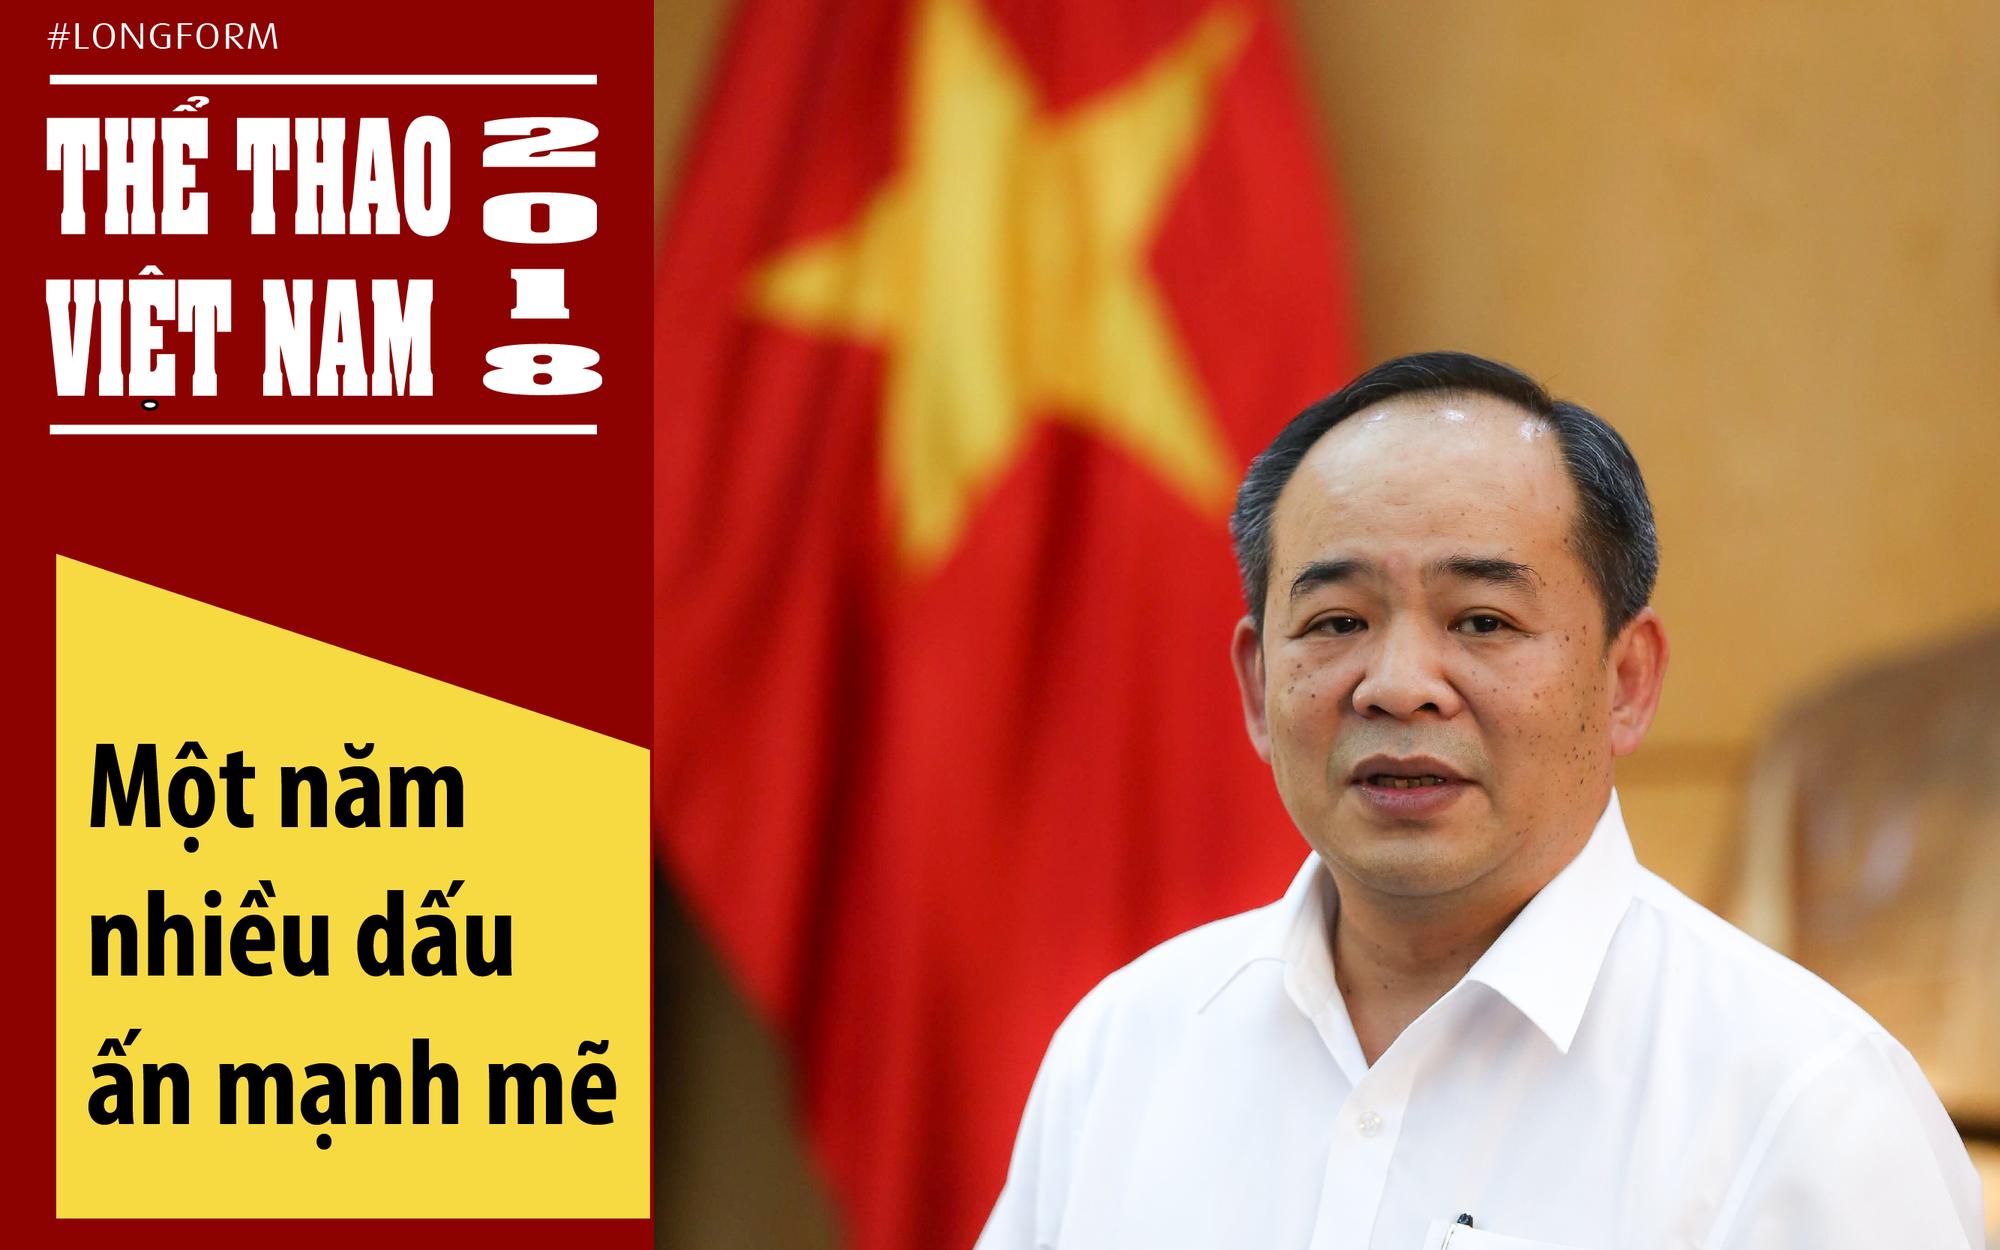 Thể thao Việt Nam 2018: Một năm nhiều dấu ấn mạnh mẽ